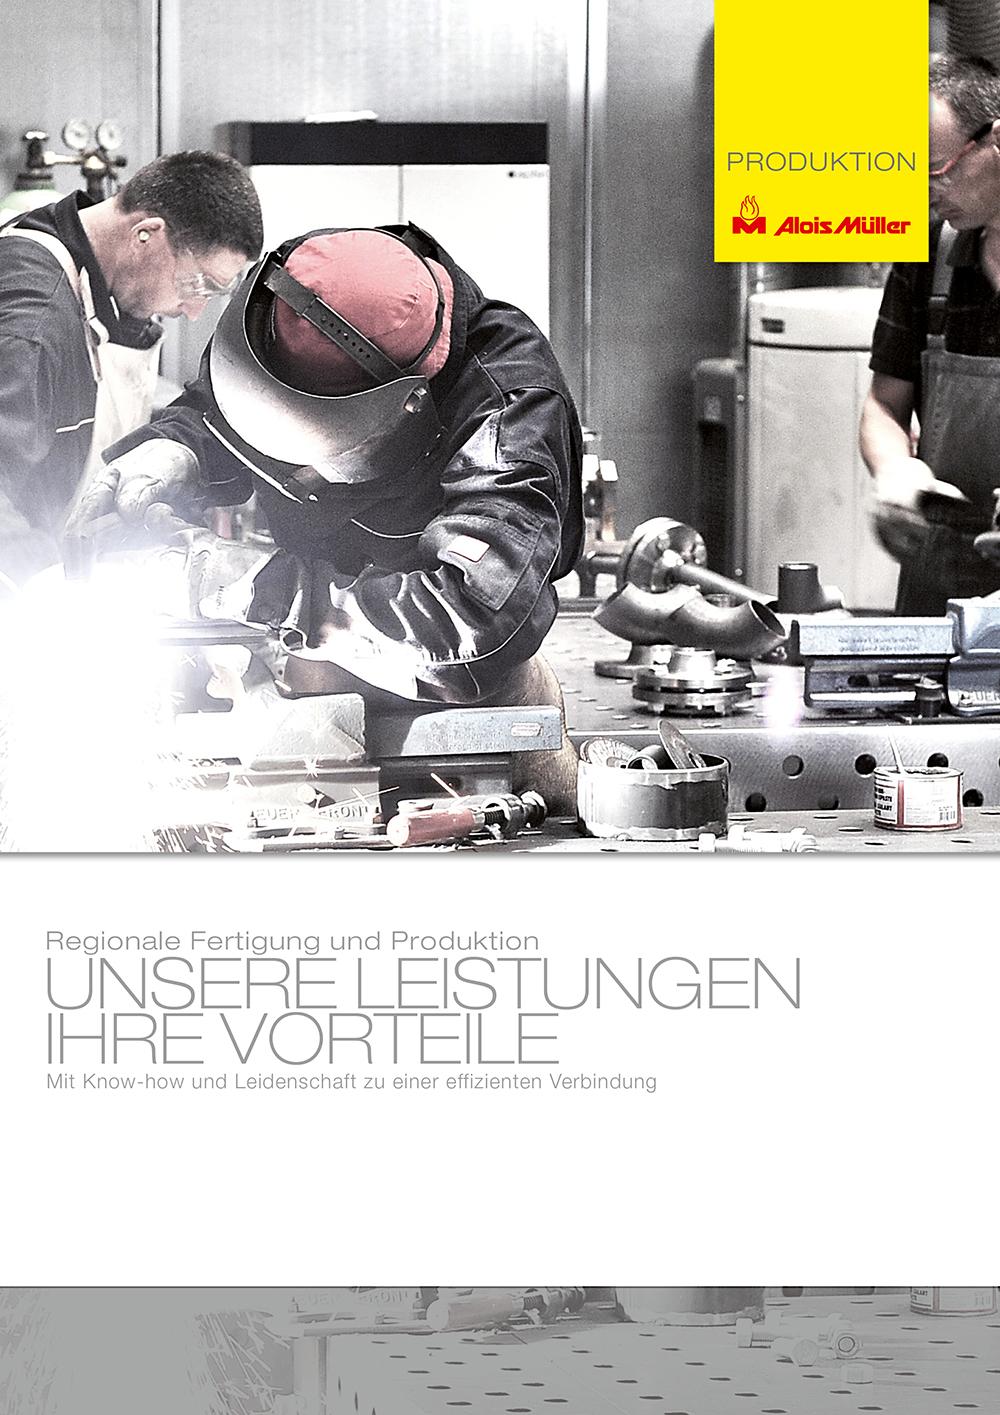 Broschüre Müller Produktion in Ungerhausen, der Green Factory